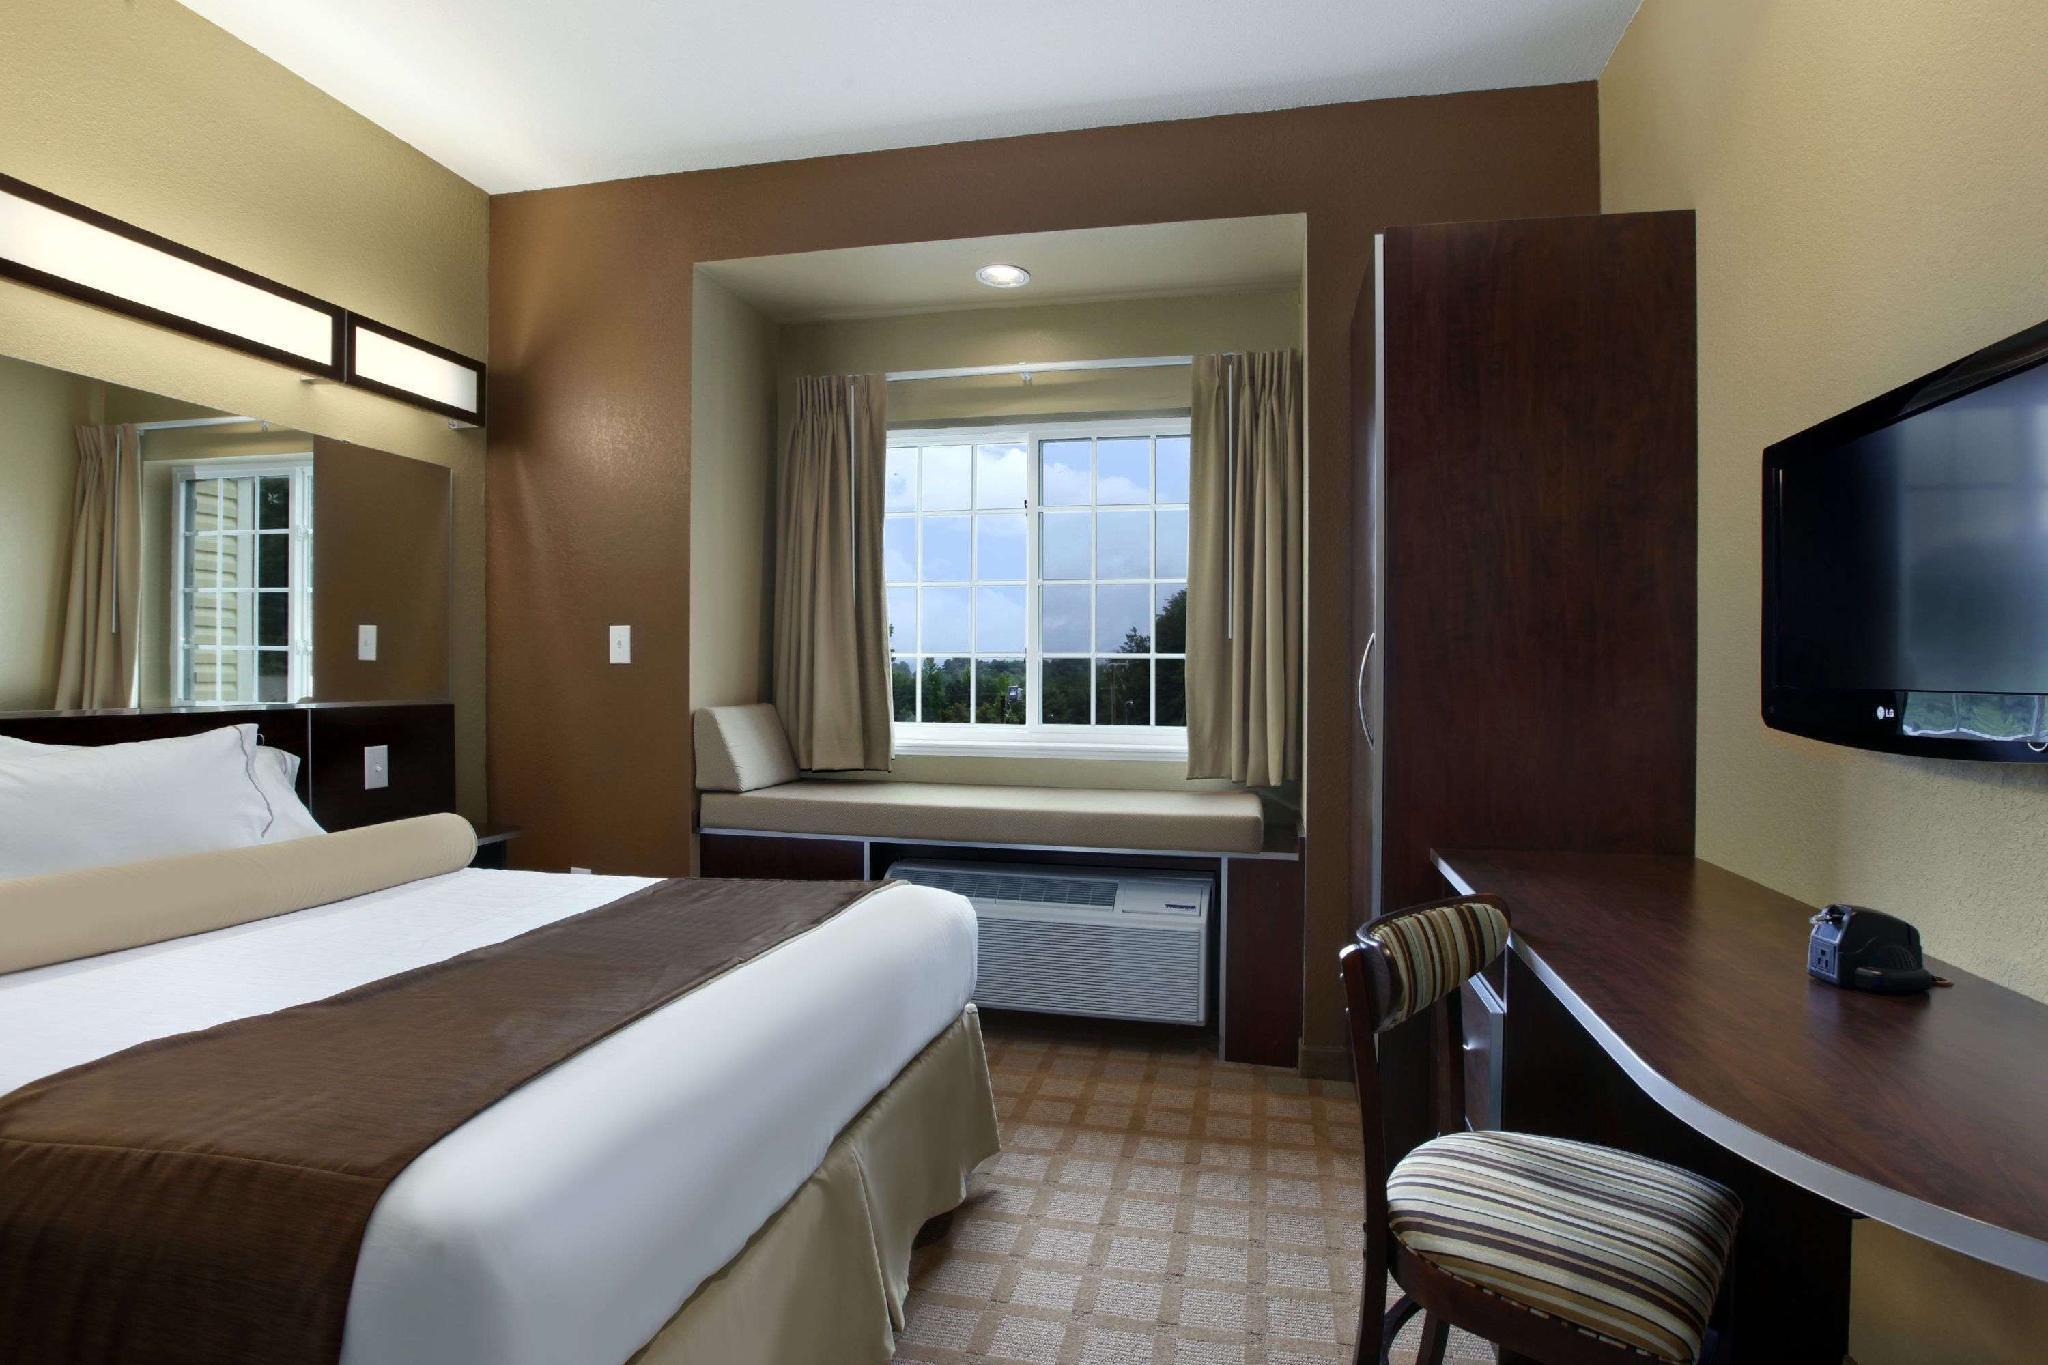 Microtel Inn & Suites by Wyndham Carrollton, Carroll